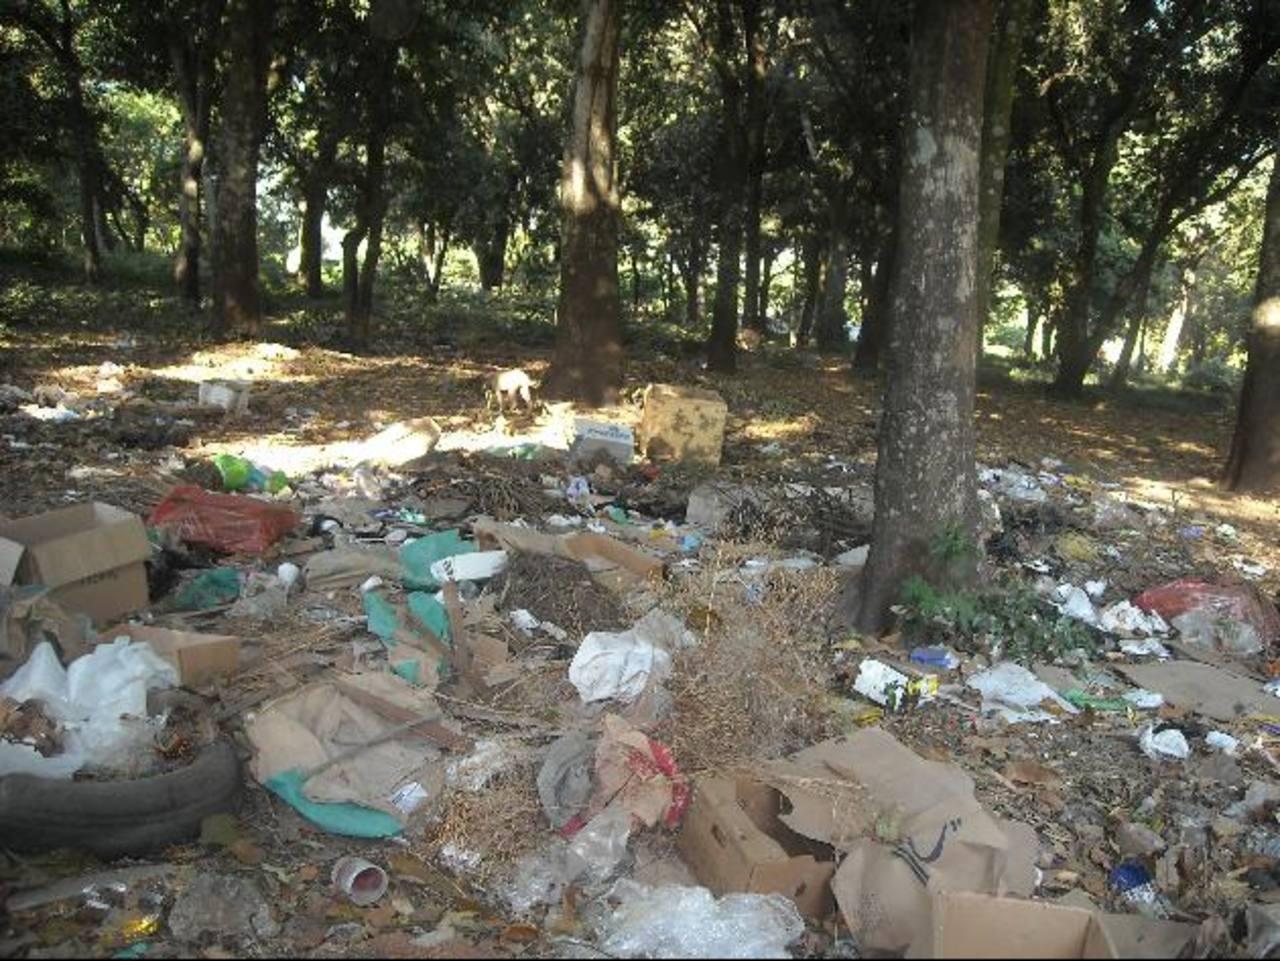 La misma comunidad lanza la basura a cielo abierto, sin que ninguna autoridad haga algo. Foto EDH / Milton Jaco